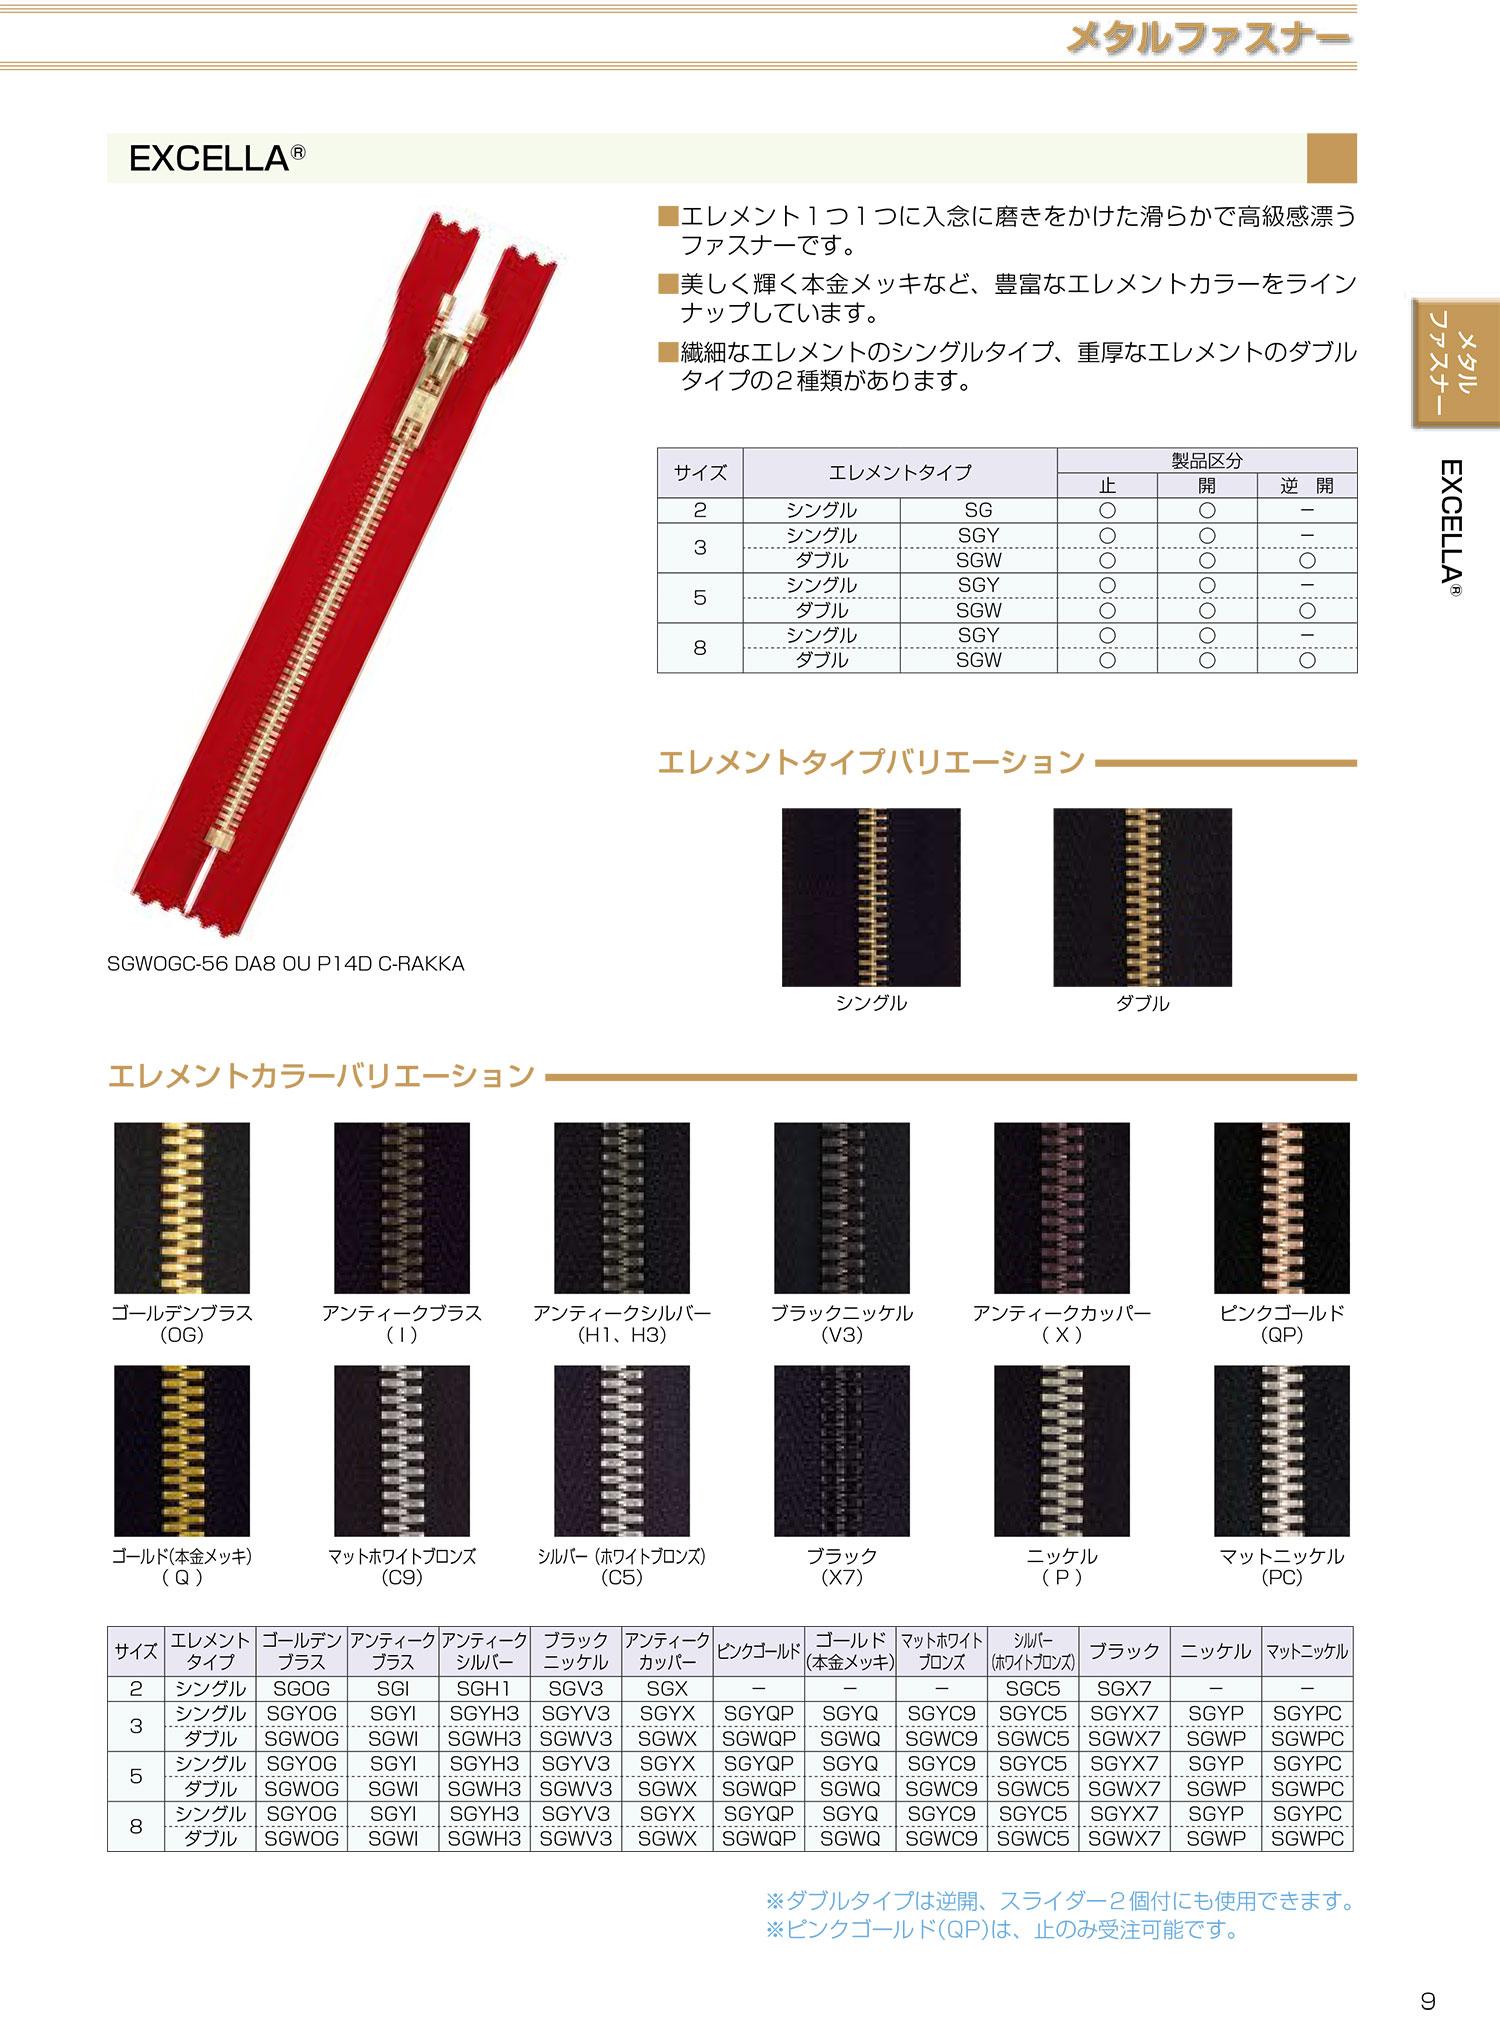 2SGIC エクセラ 2サイズ アンティークブラス 止め シングル[ファスナー] YKK/オークラ商事 - ApparelX アパレル資材卸通販